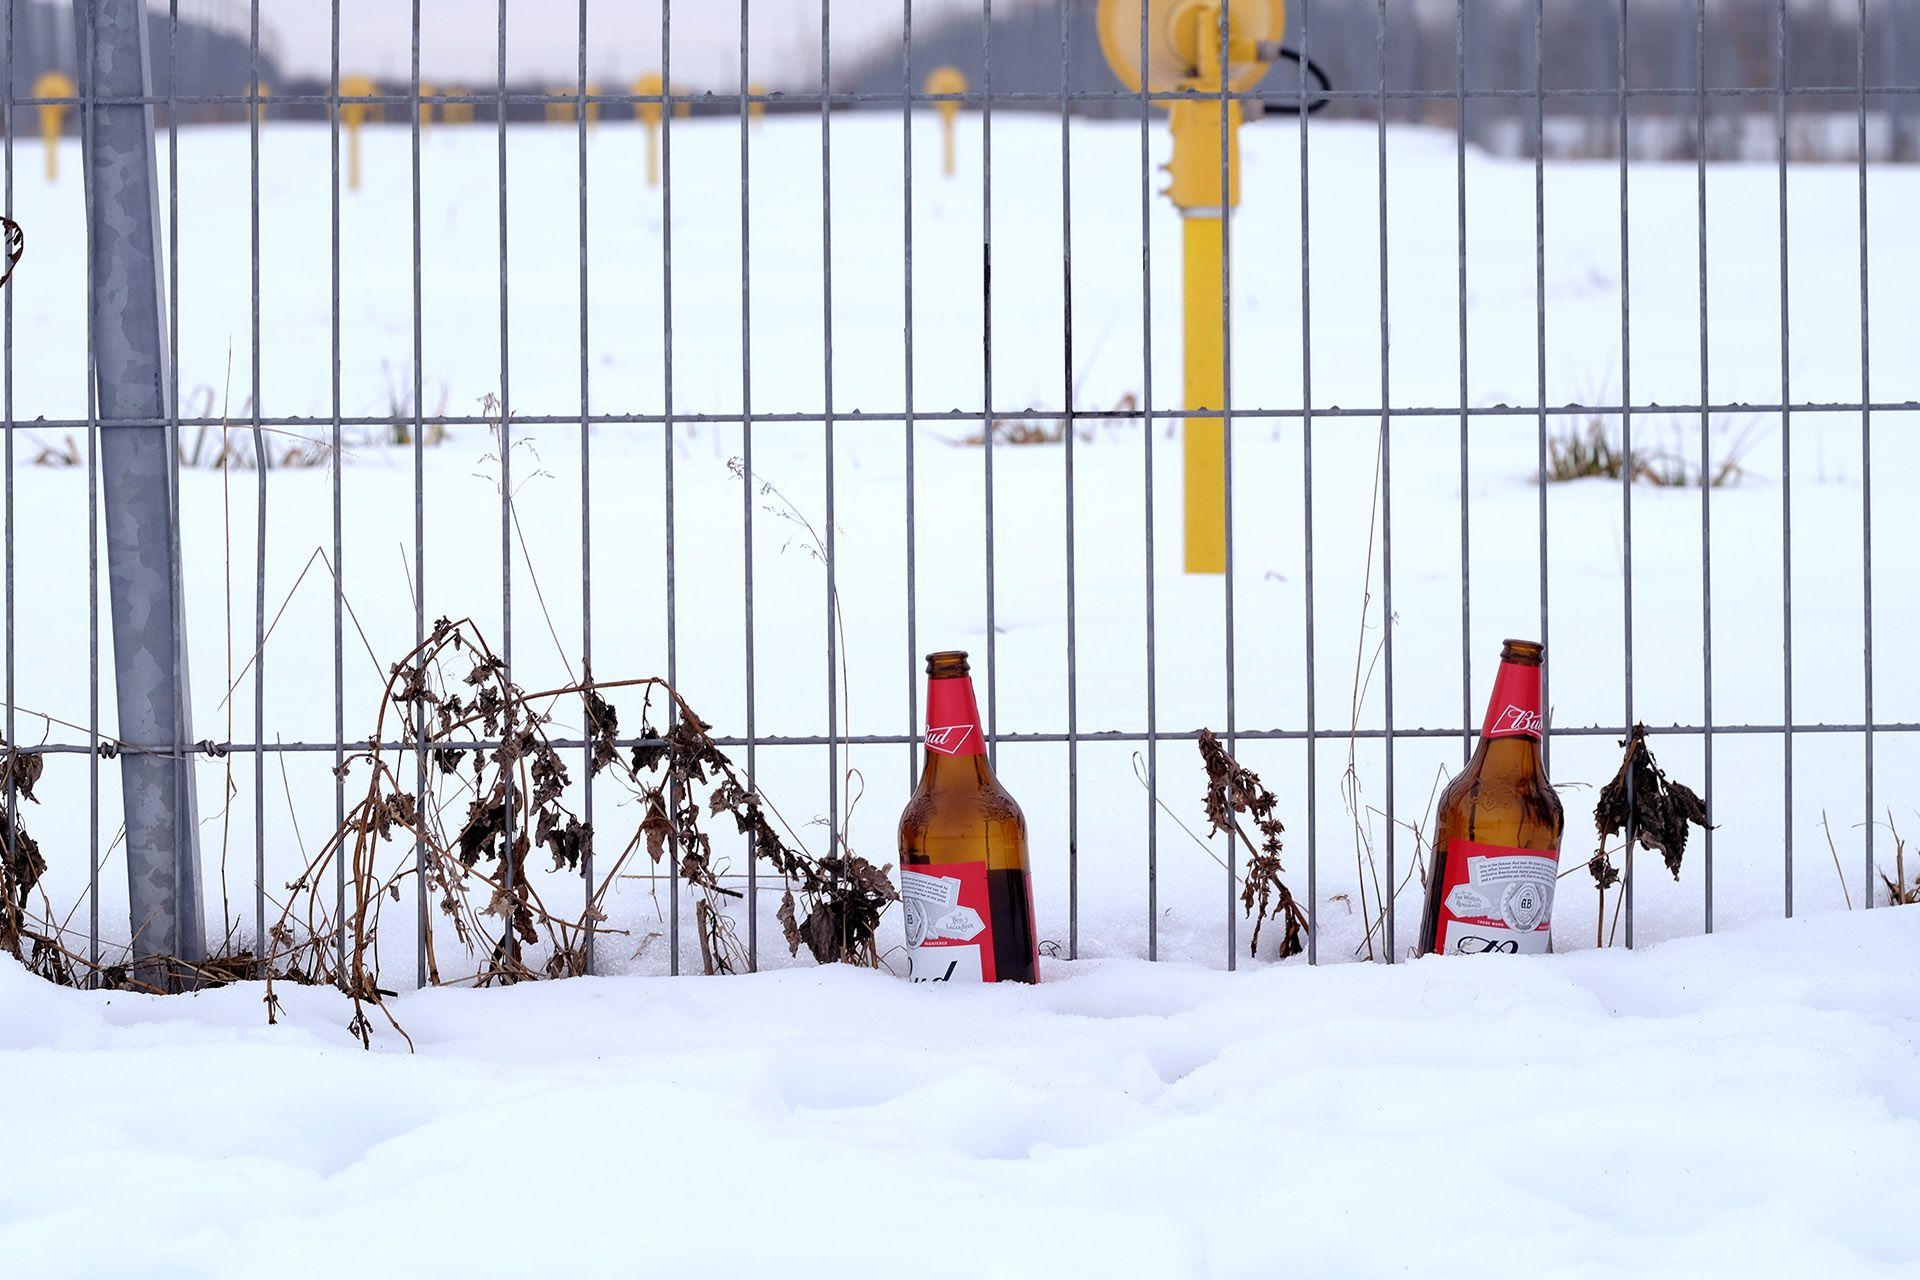 Група людей, які стоять у снігу